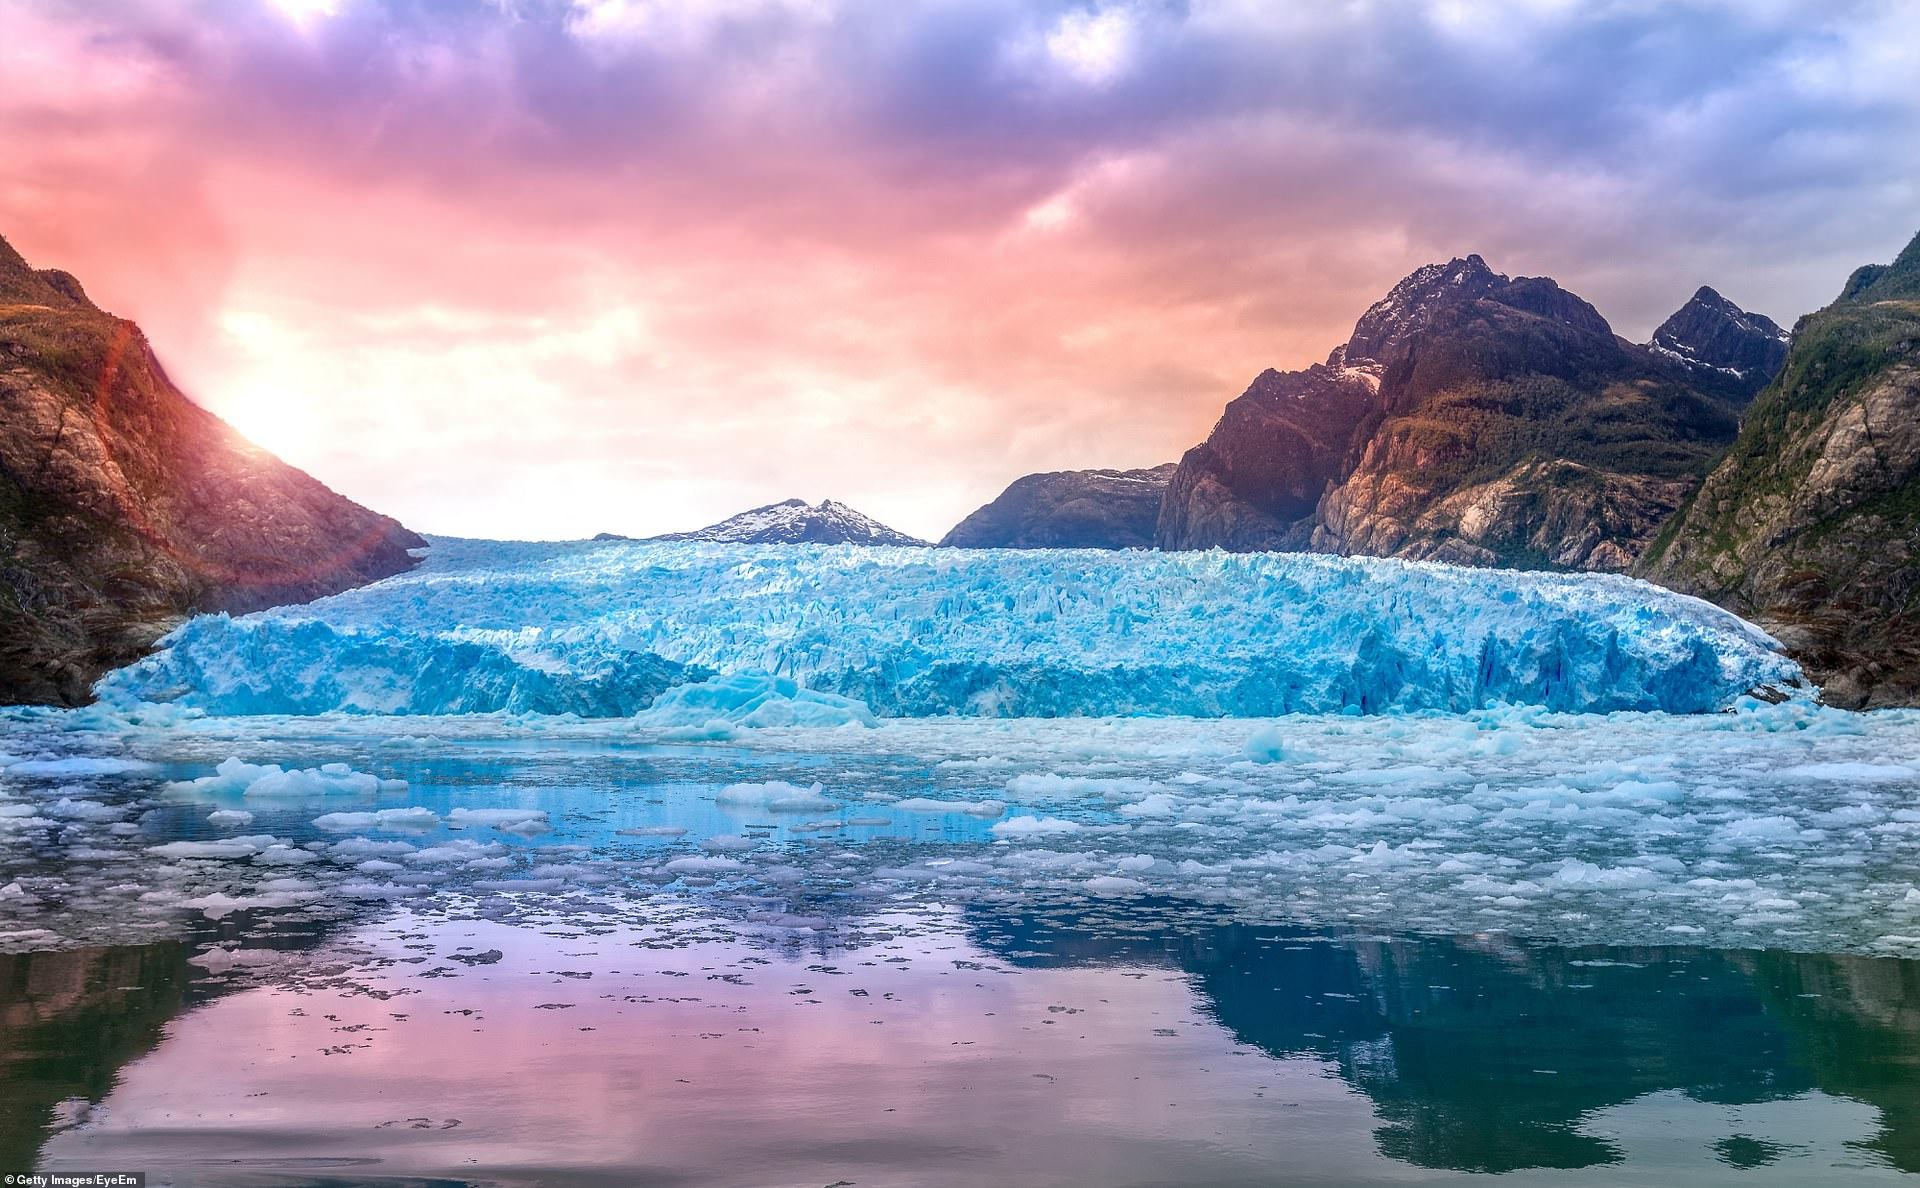 alaska_s_kenai_fjords_national_park.jpg